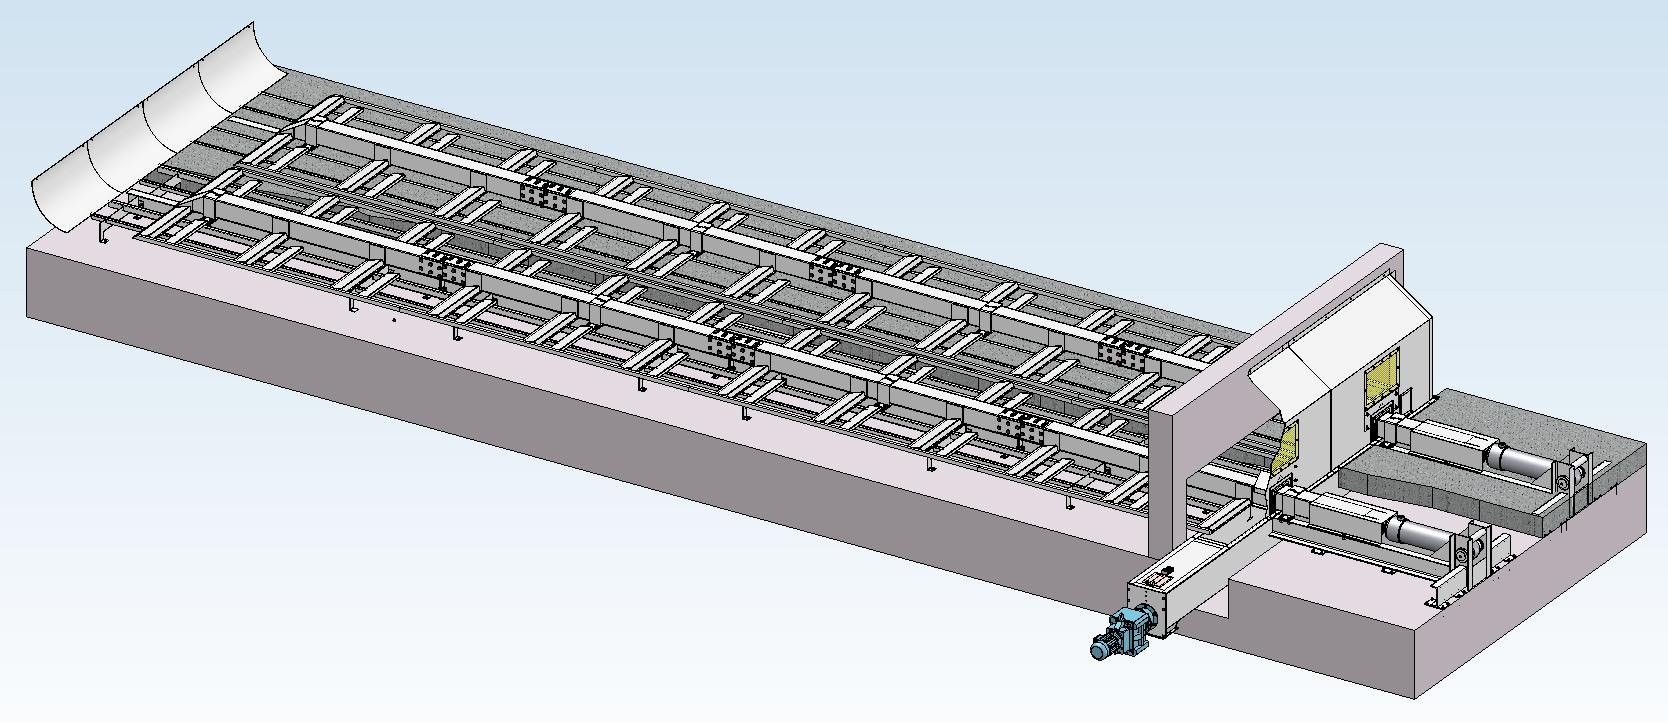 Schubbodenaustragung Holzfeuerungsanlage Schnittbild